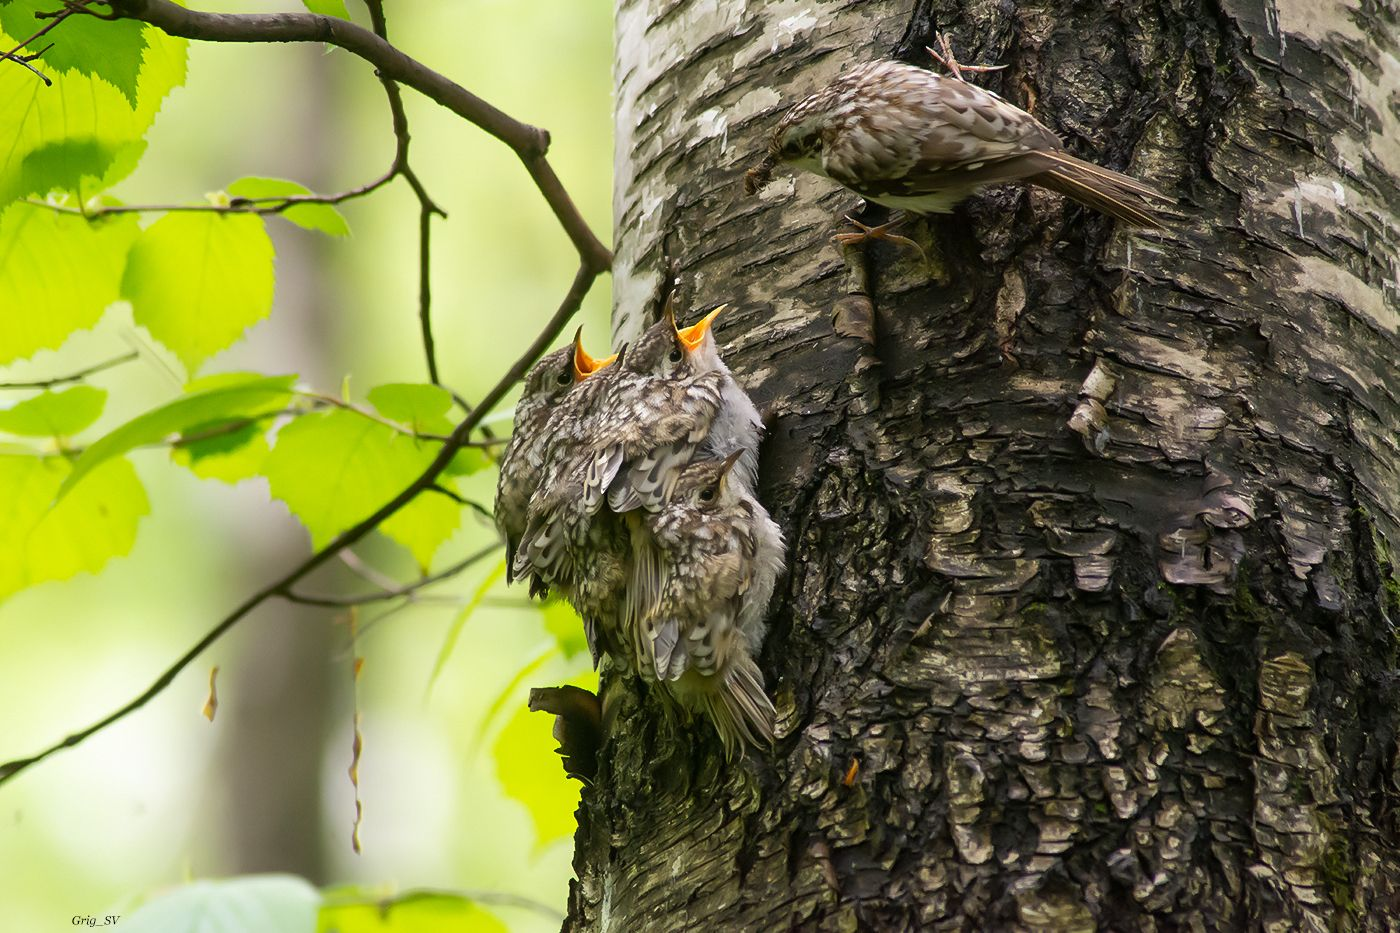 Пищуха кормит птенцов фотоохота дикие птицы пищуха